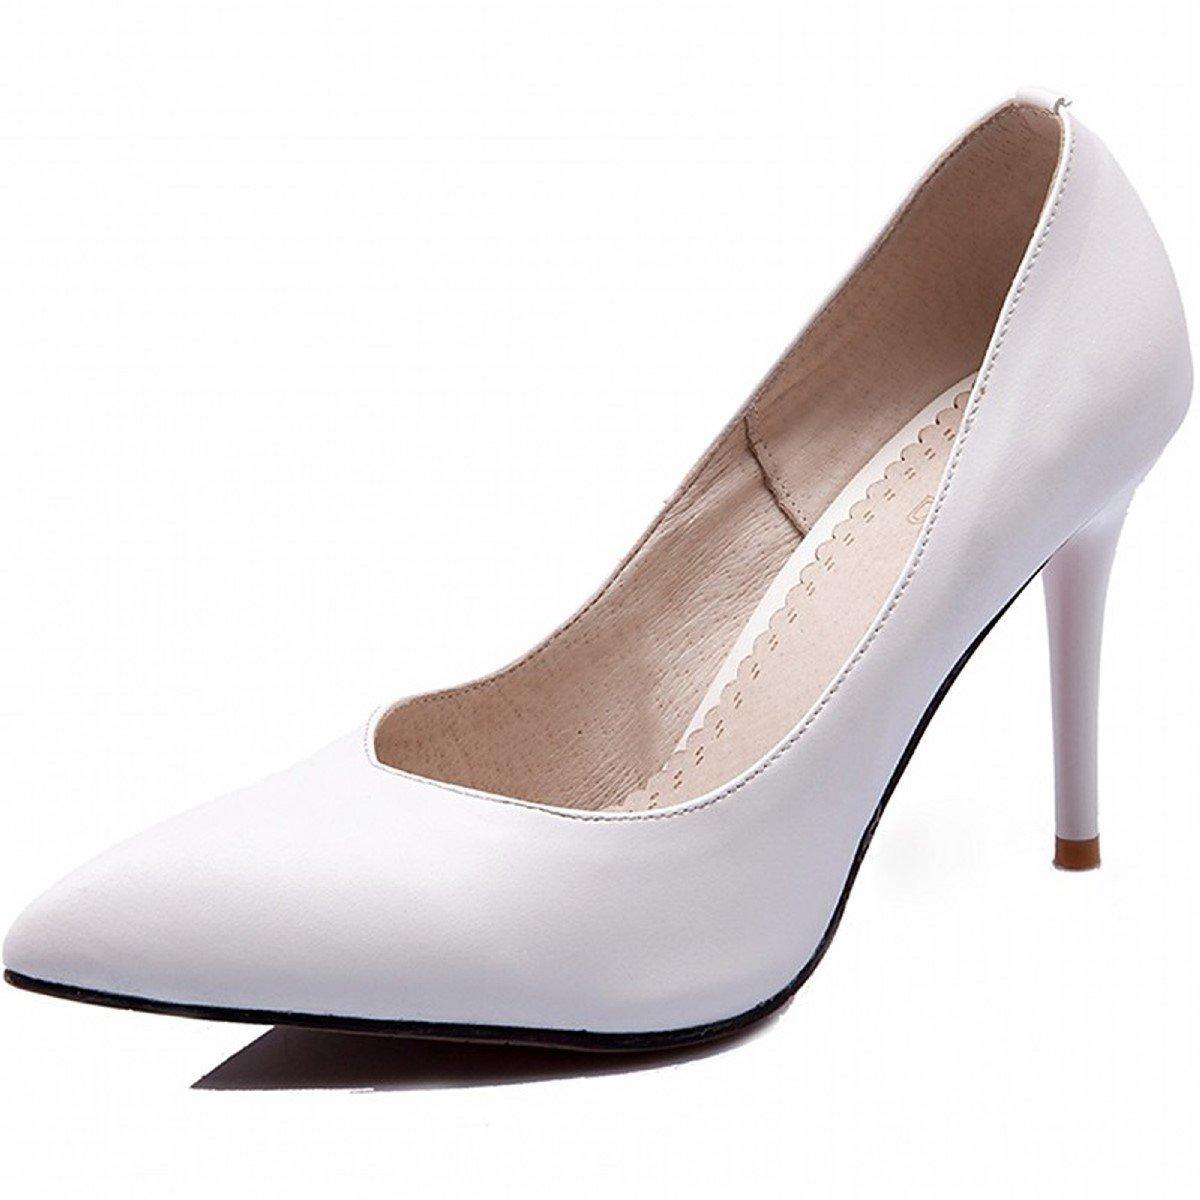 DIMAOL Damenschuhe Kunstleder Frühling Herbst Komfort Neuheit Heels Stiletto Heel Schuhe für Casual Dress Schwarz Weiß